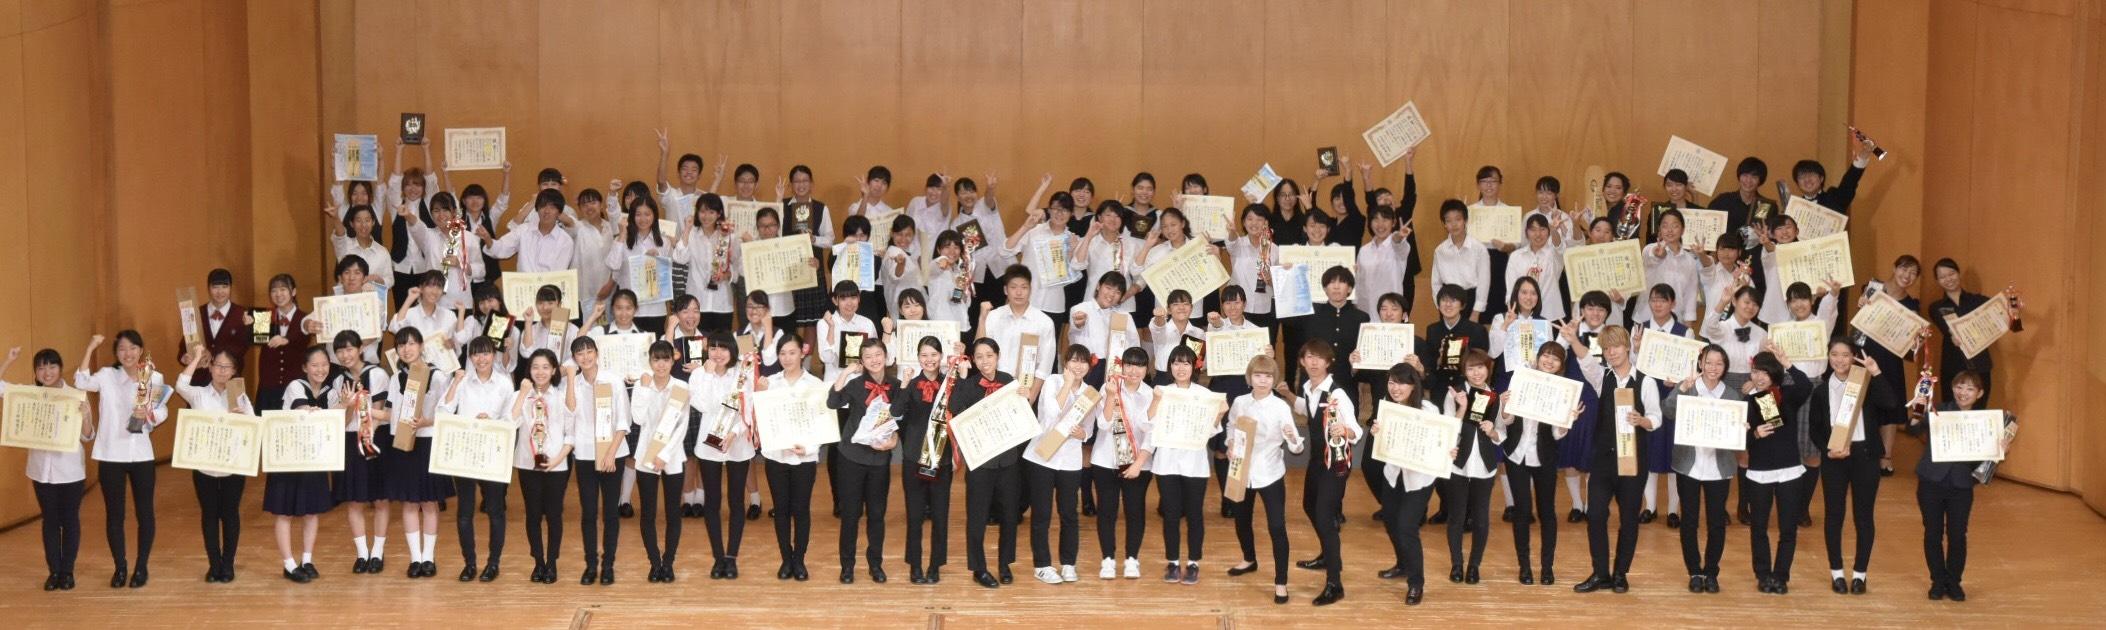 【2020全日本オンライン学生ギターフェスティバル10/1開催要項】